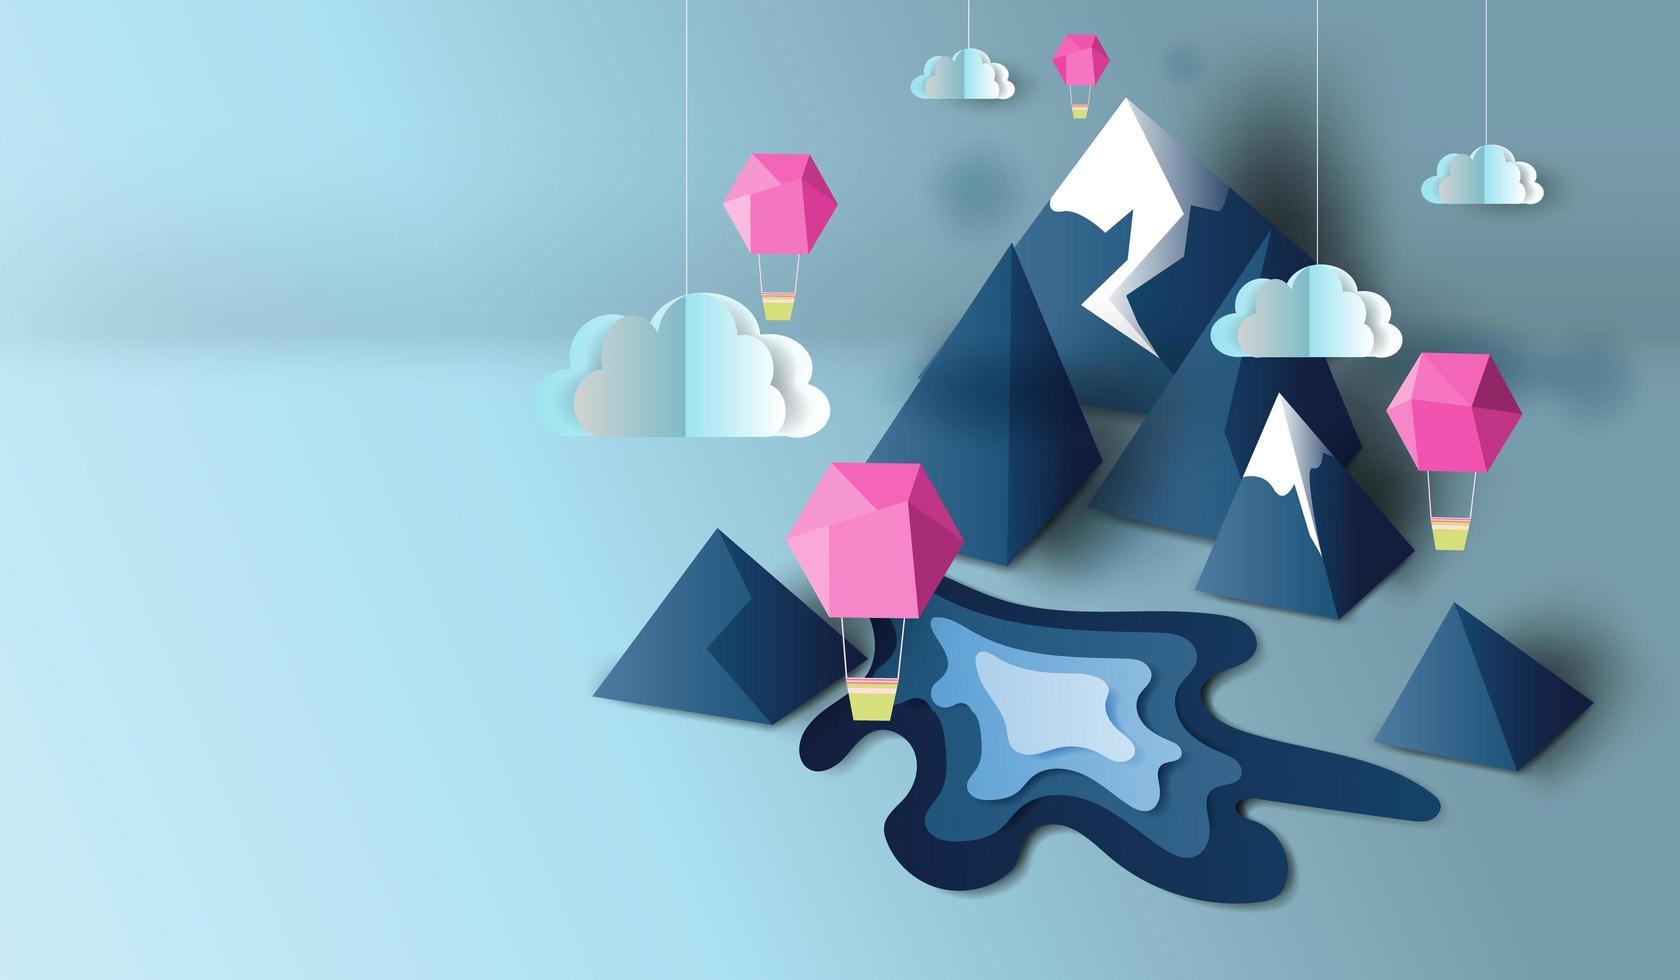 carta tagliata arte con vista sulle montagne 3d e sfondo banner palloncini vettore